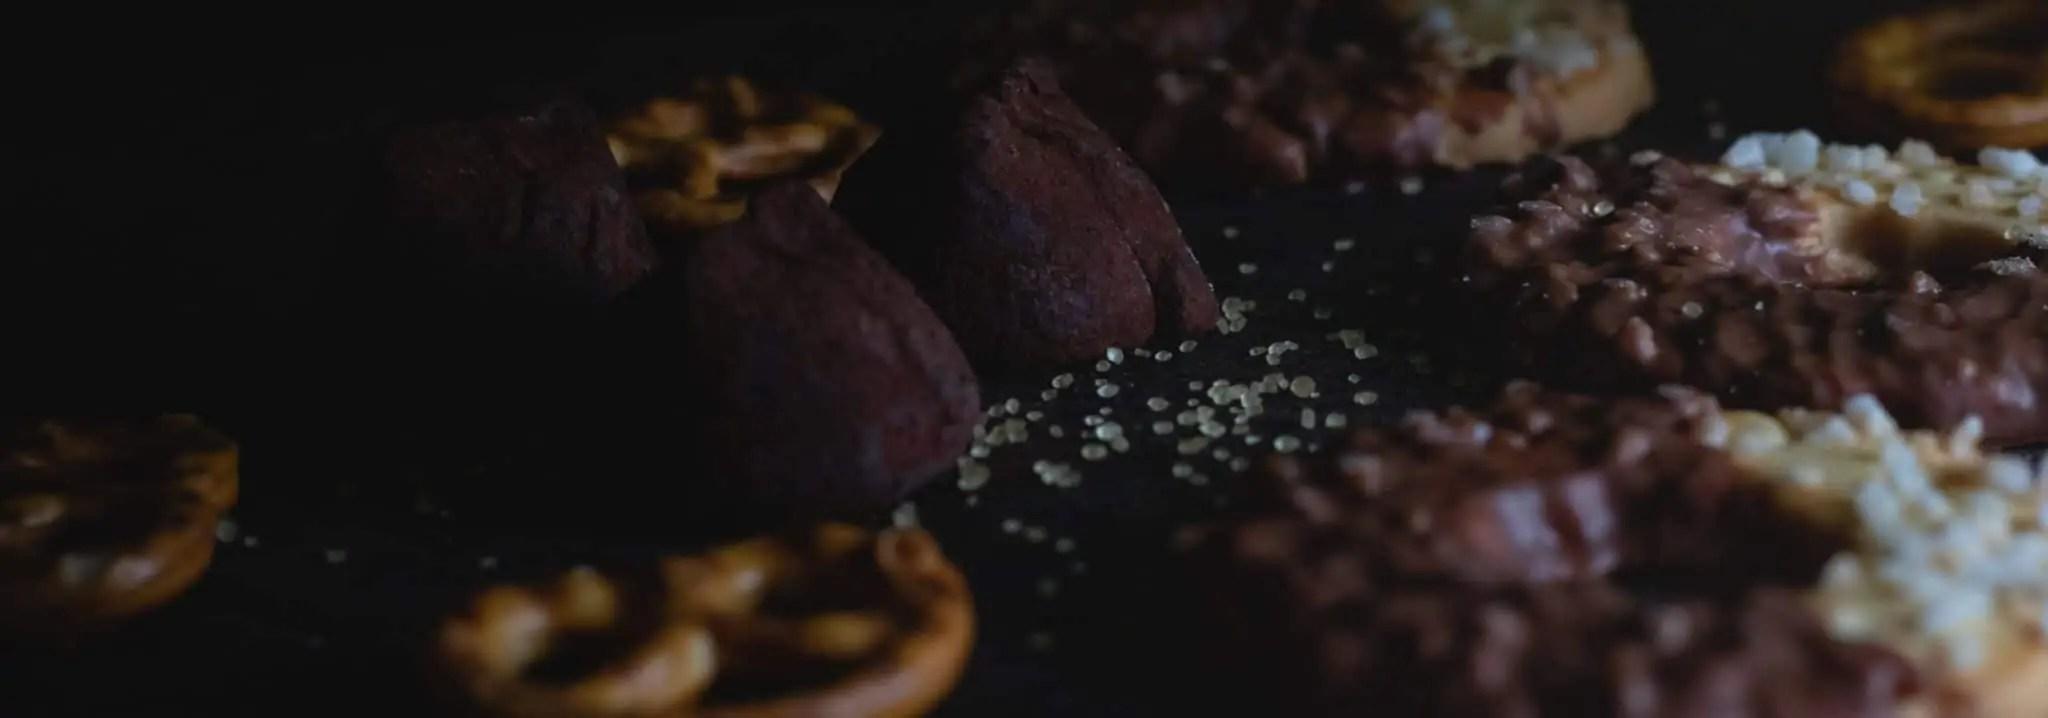 Czarna fotografia jedzenia czekolada precelki i ciastka 13 scaled - Czarna fotografia jedzenia